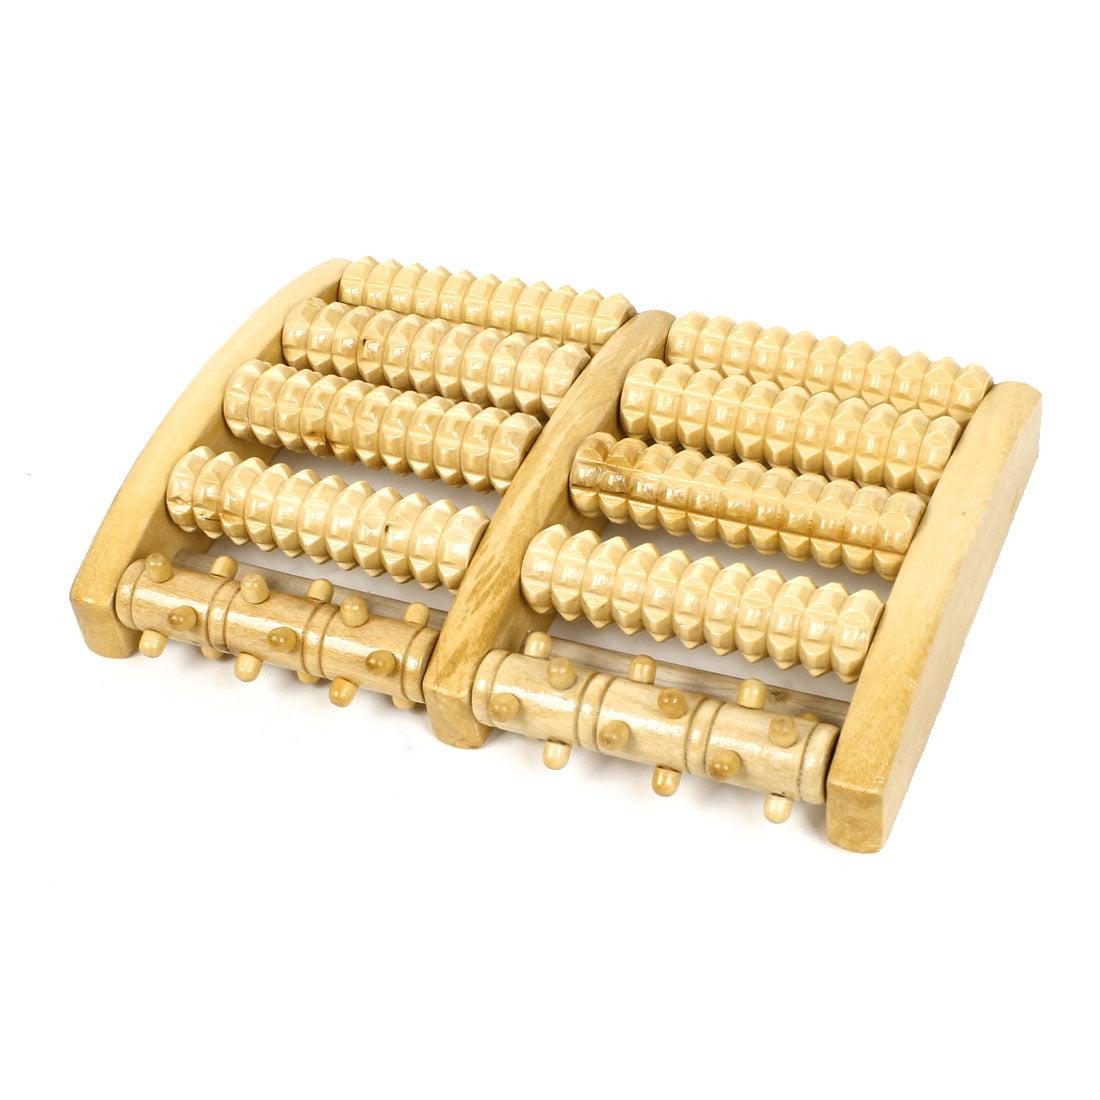 5 Rows Wood Roller Foot Care Massage Reflexology Relax Massager Tool